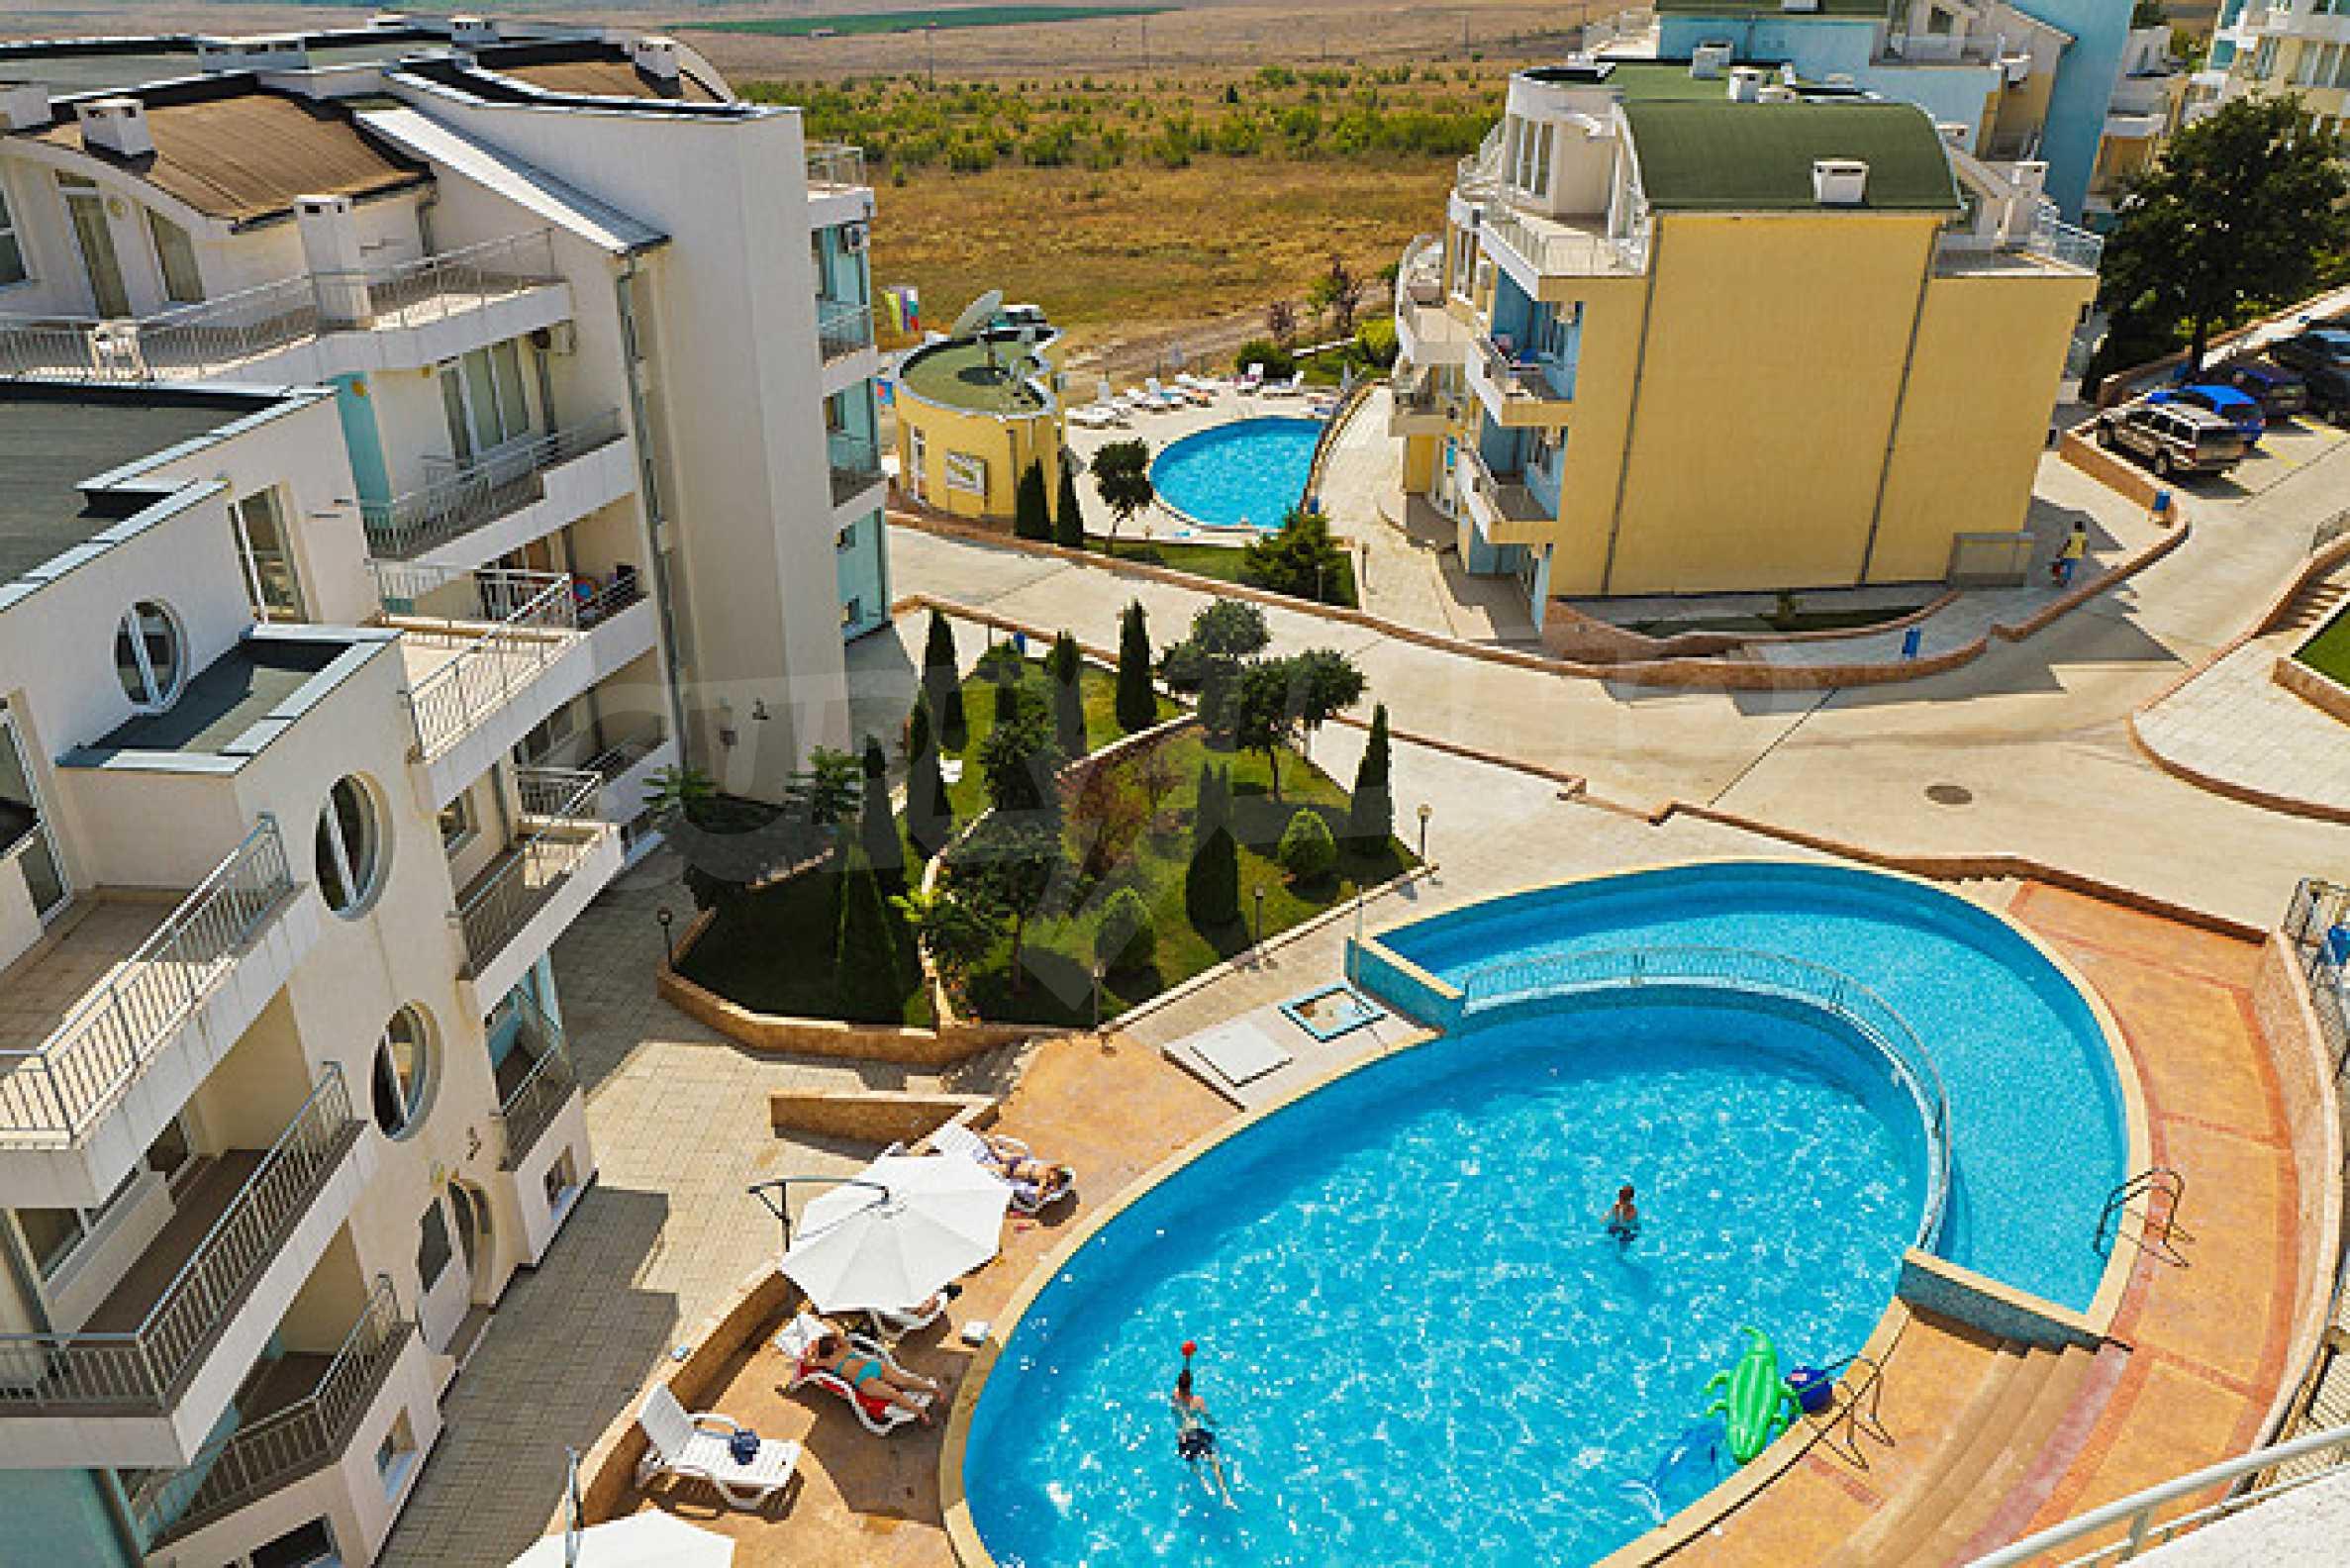 Sunset Kosharitsa - aпартаменти в атрактивен комплекс сред планината и морето, на 5 минути с кола от Слънчев бряг 35